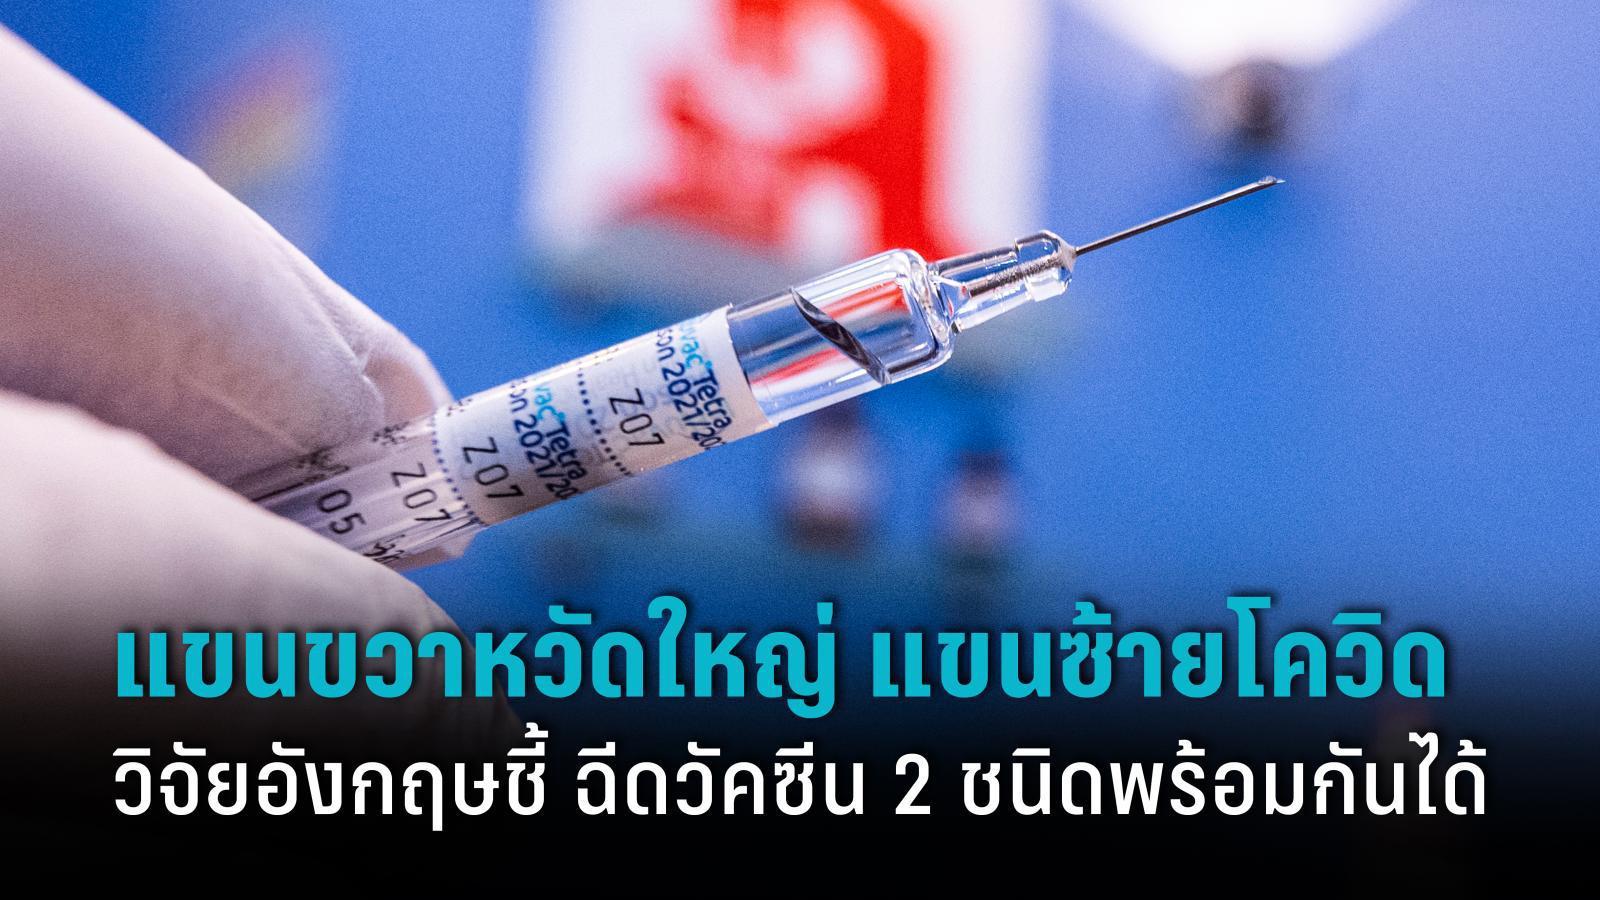 """แขนขวาหวัดใหญ่แขนซ้ายโควิด"""" อังกฤษวิจัยฉีดวัคซีน 2 ชนิดพร้อมกันได้ :  PPTVHD36"""